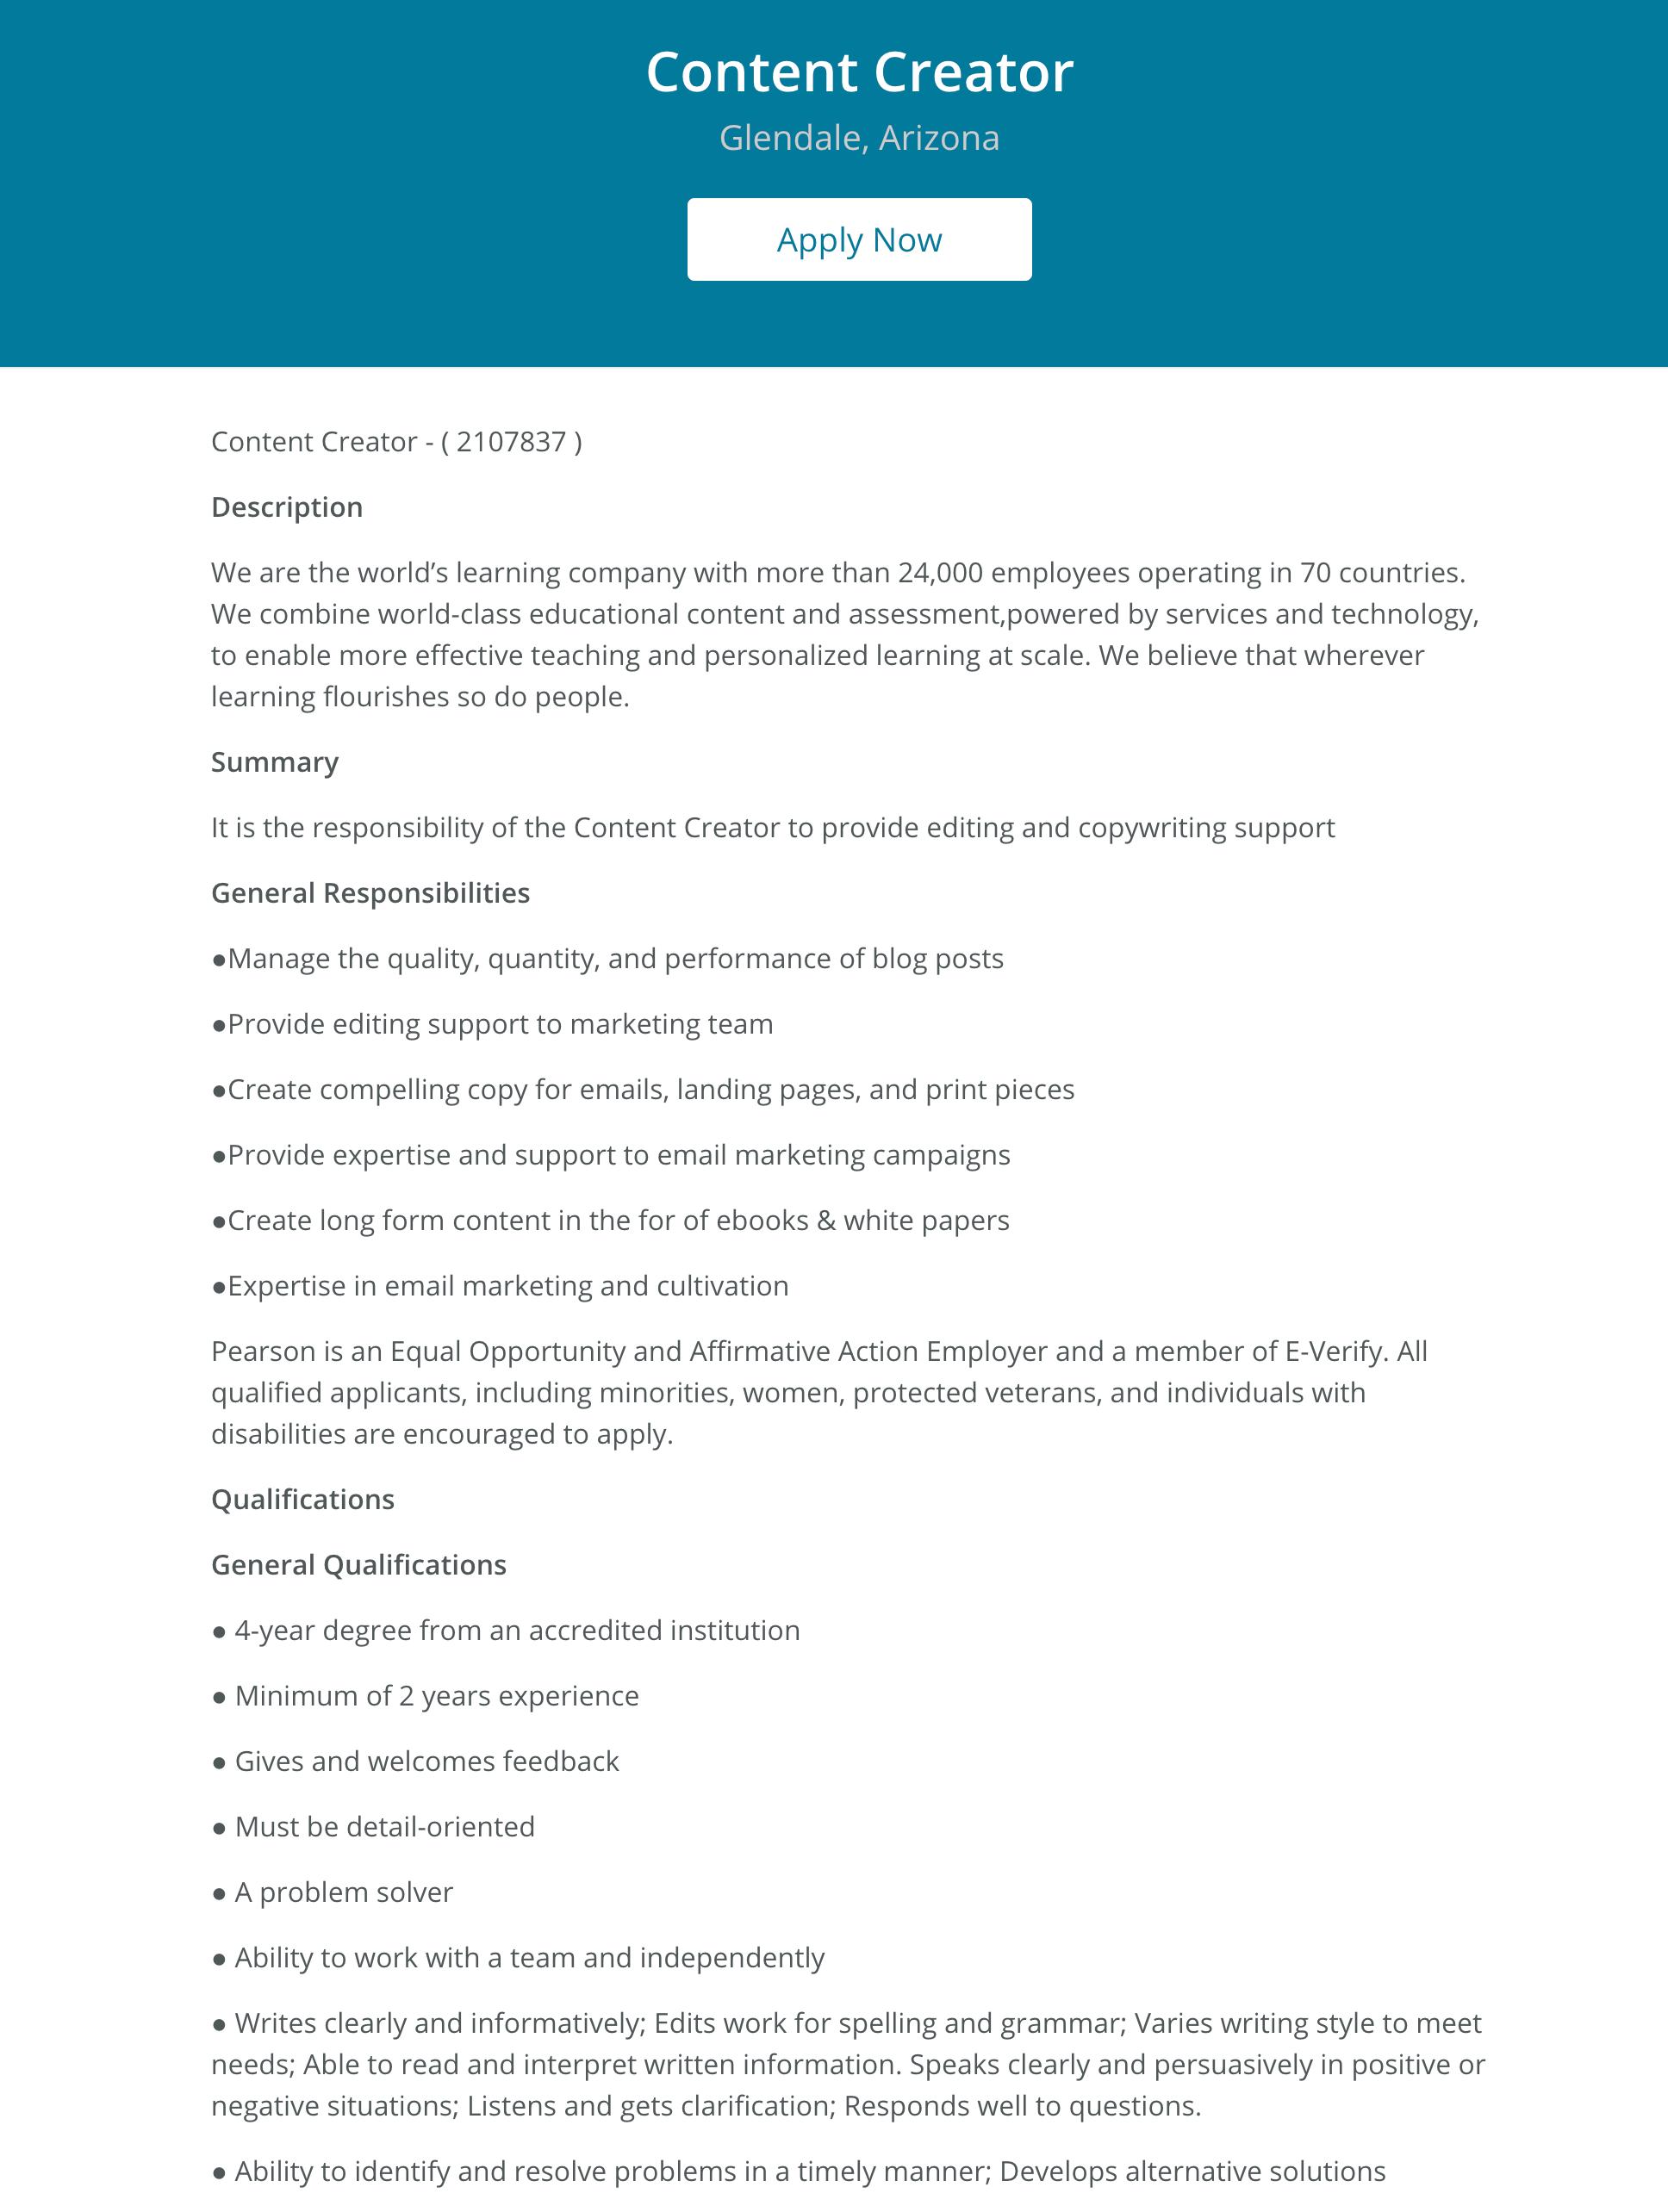 content creator job description